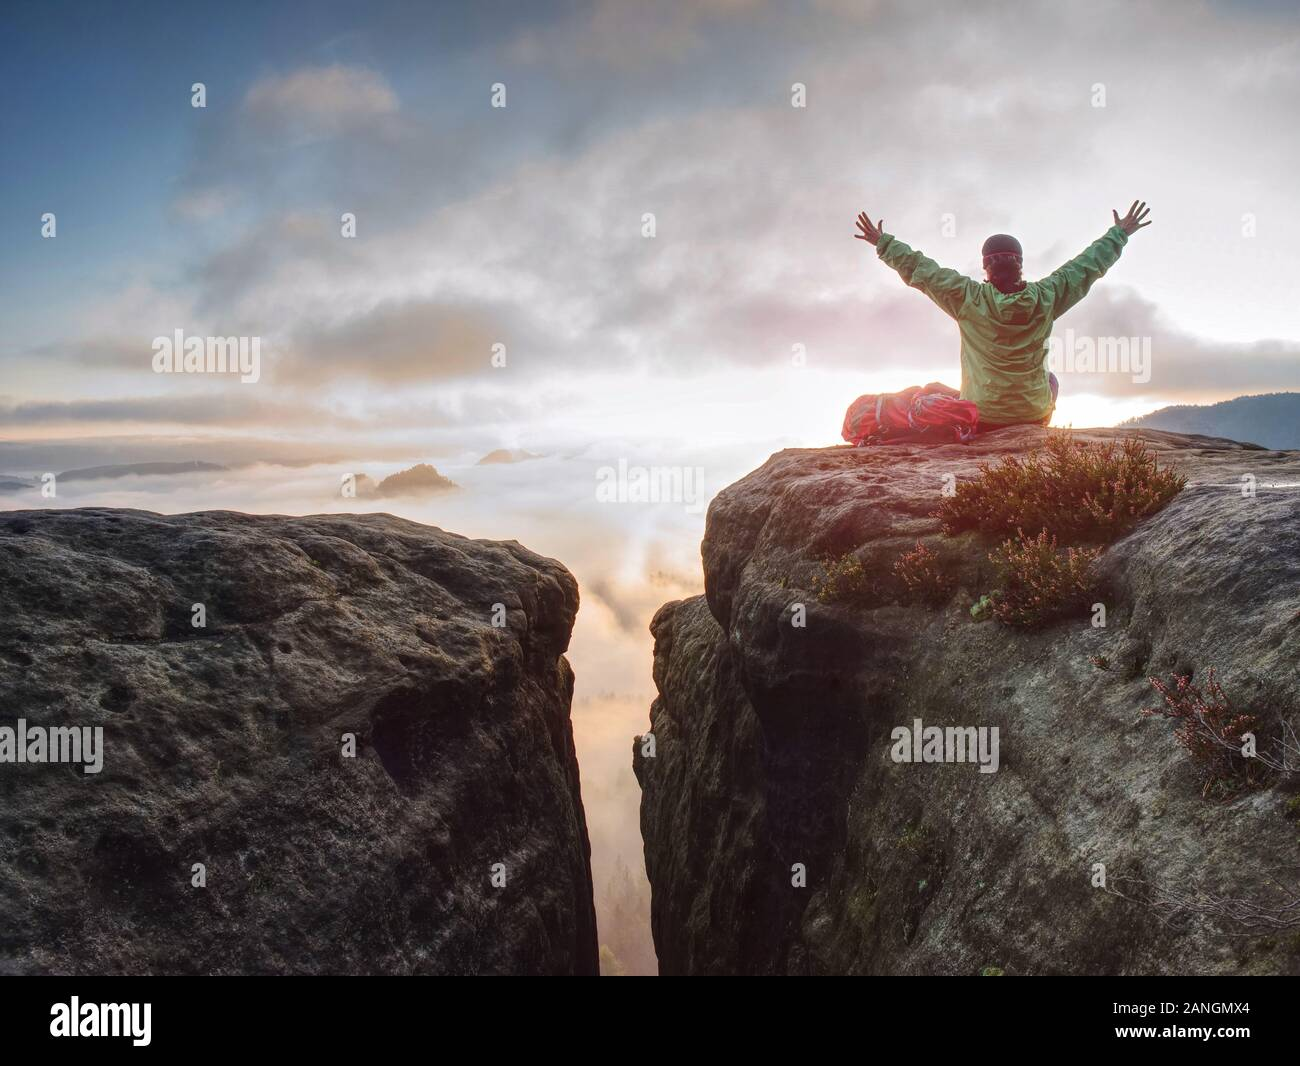 Jeune femme s'asseoir au sommet d'une montagne de célébrer la journée. Jeune femme assise dans un randonneur avec coupe-vent bleu vert sac à dos rouge sur falaise pointu Banque D'Images